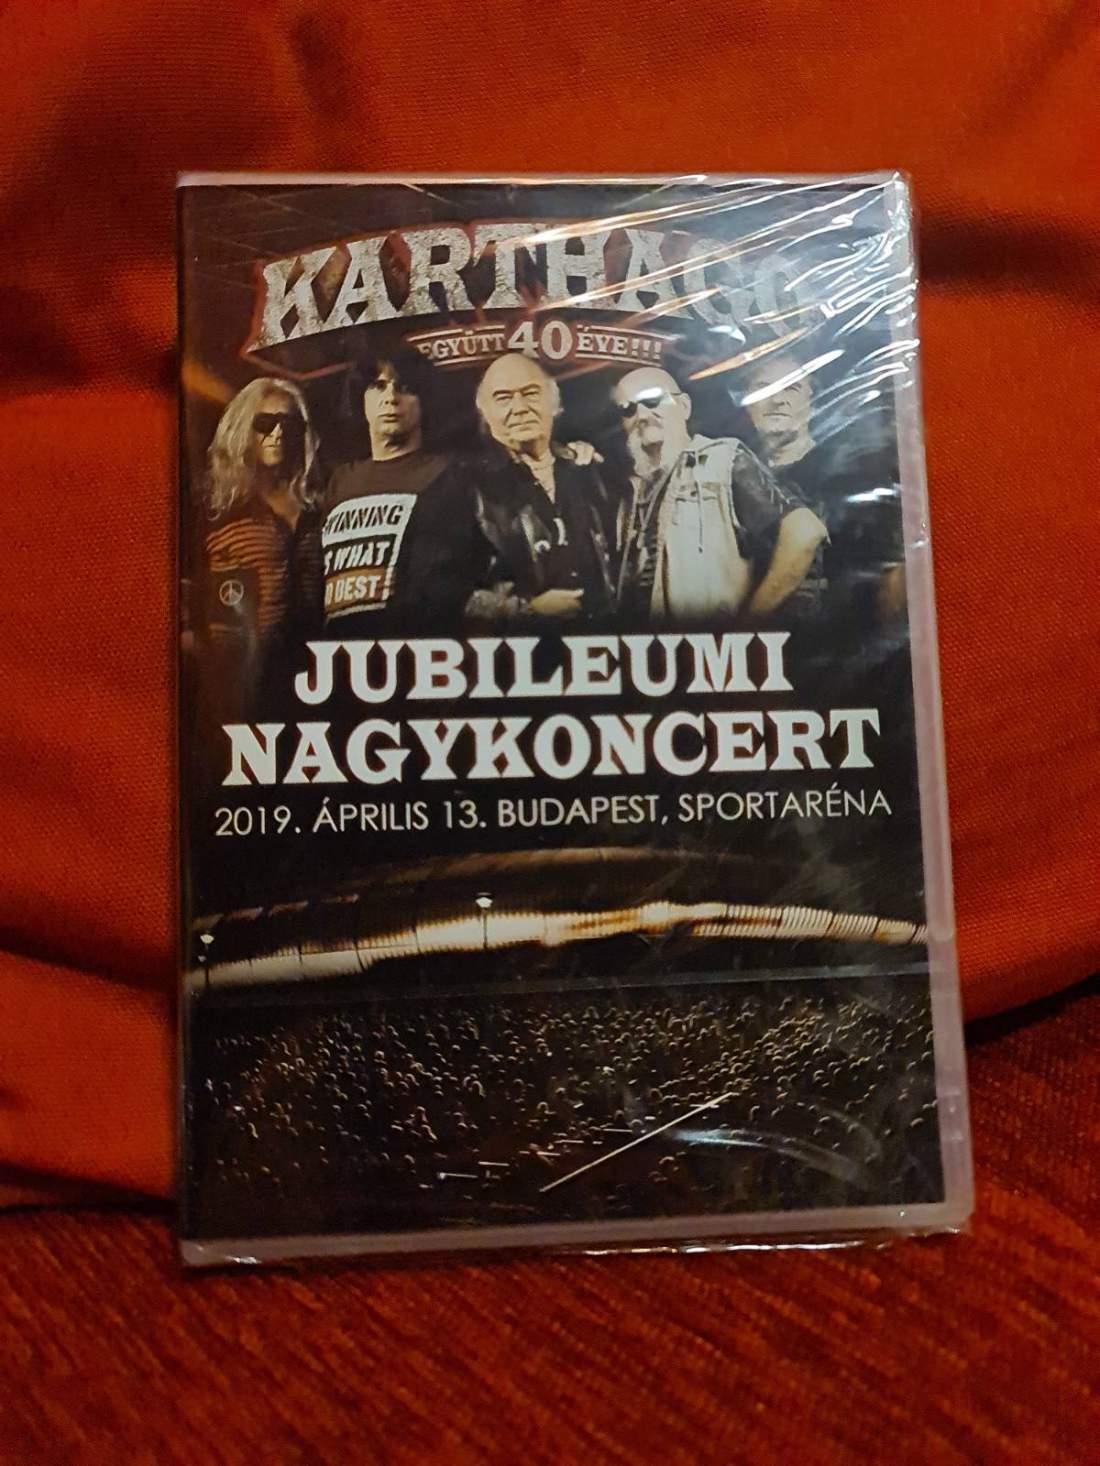 KARTHAGO - EGYÜTT 40 ÉVE - JUBILEUMI NAGYKONCERT DVD